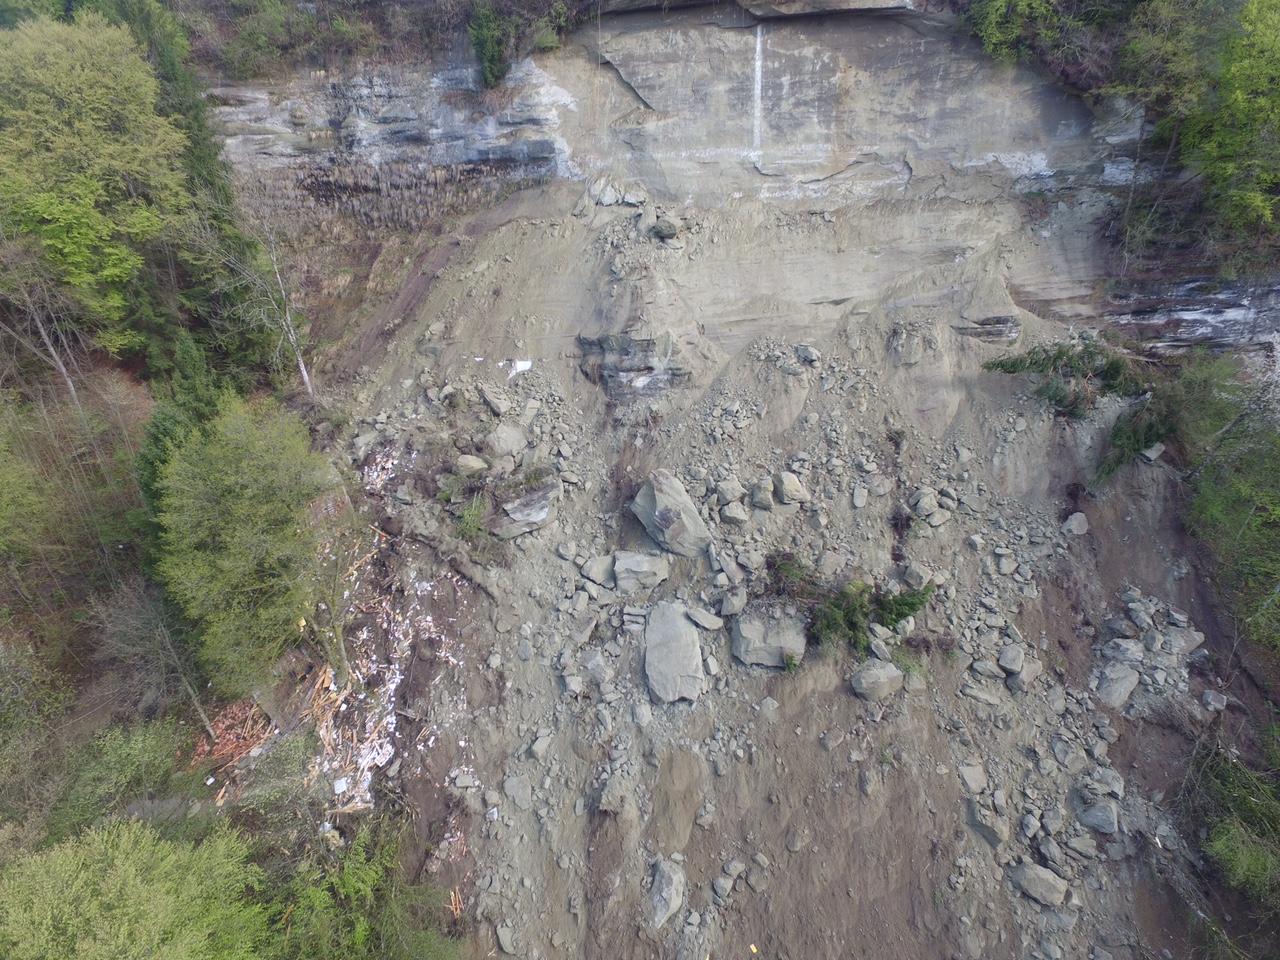 Effondrement de falaise - Vallée du Gottéron